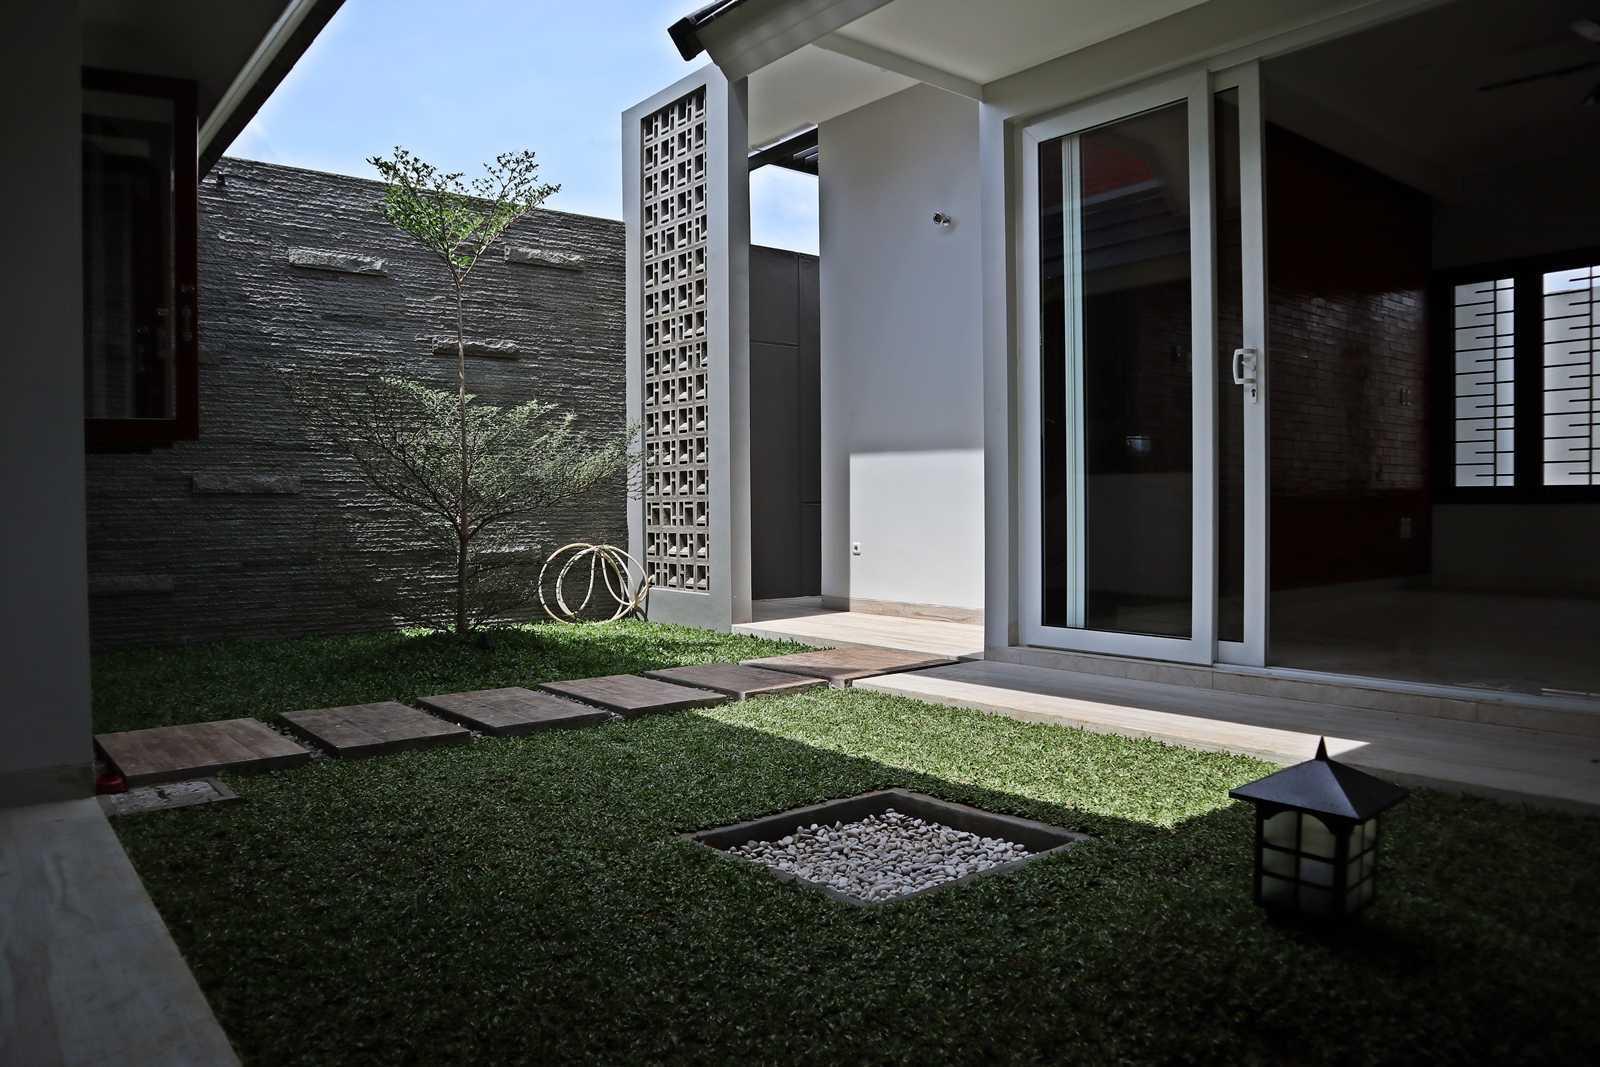 Bd Studio Ss Villa House Medan, Kota Medan, Sumatera Utara, Indonesia Medan, Kota Medan, Sumatera Utara, Indonesia Bd-Studio-Ss-Villa-House  74088